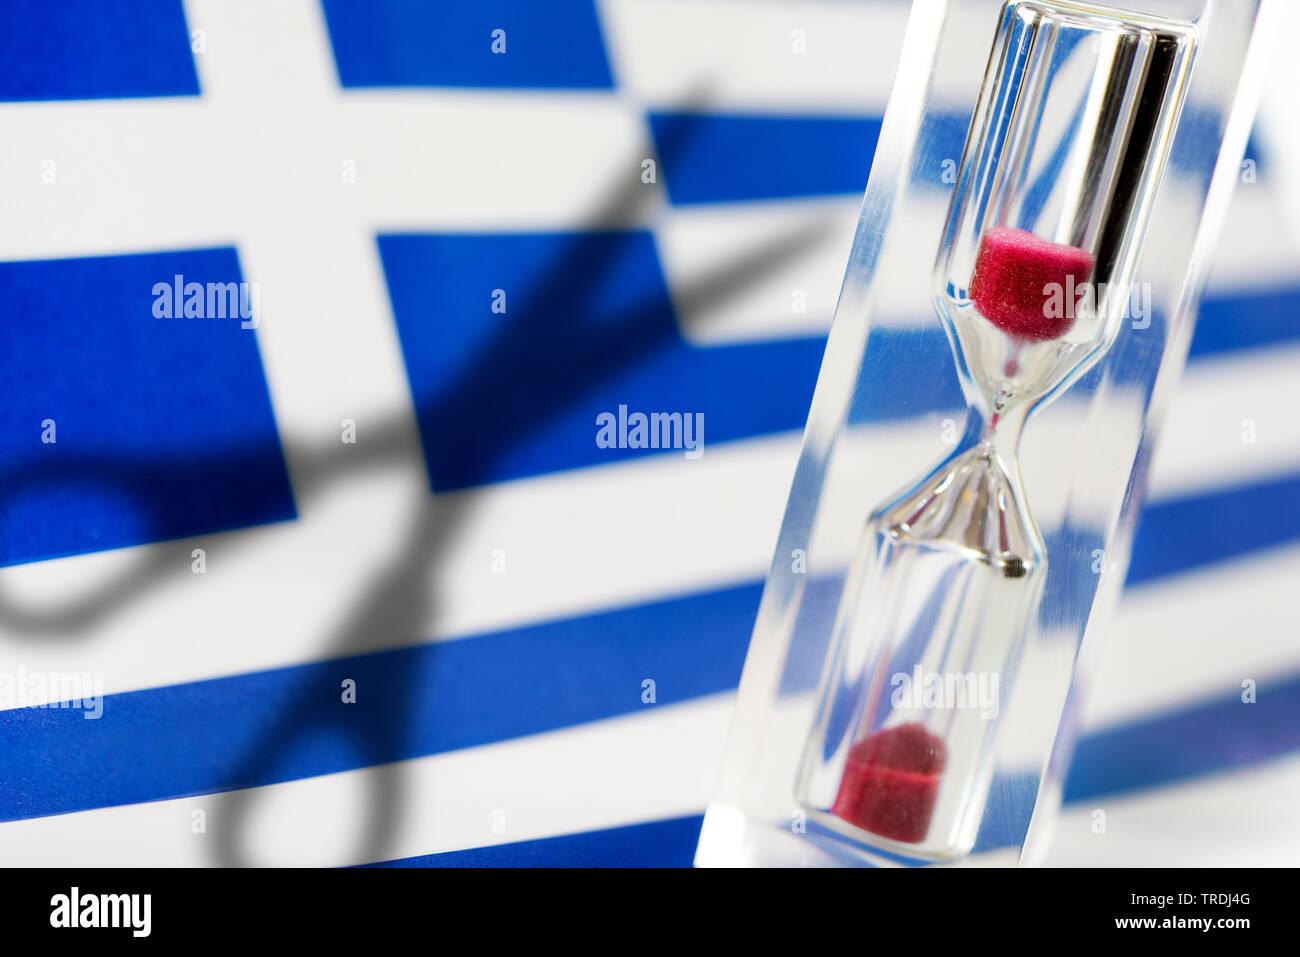 Griechische Fahne, Sanduhr und Schatten einer Schere, Symbolfoto griechische Schuldenkrise, Griechenland | Greek flag and hourglass, Greece | BLWS5045 - Stock Image